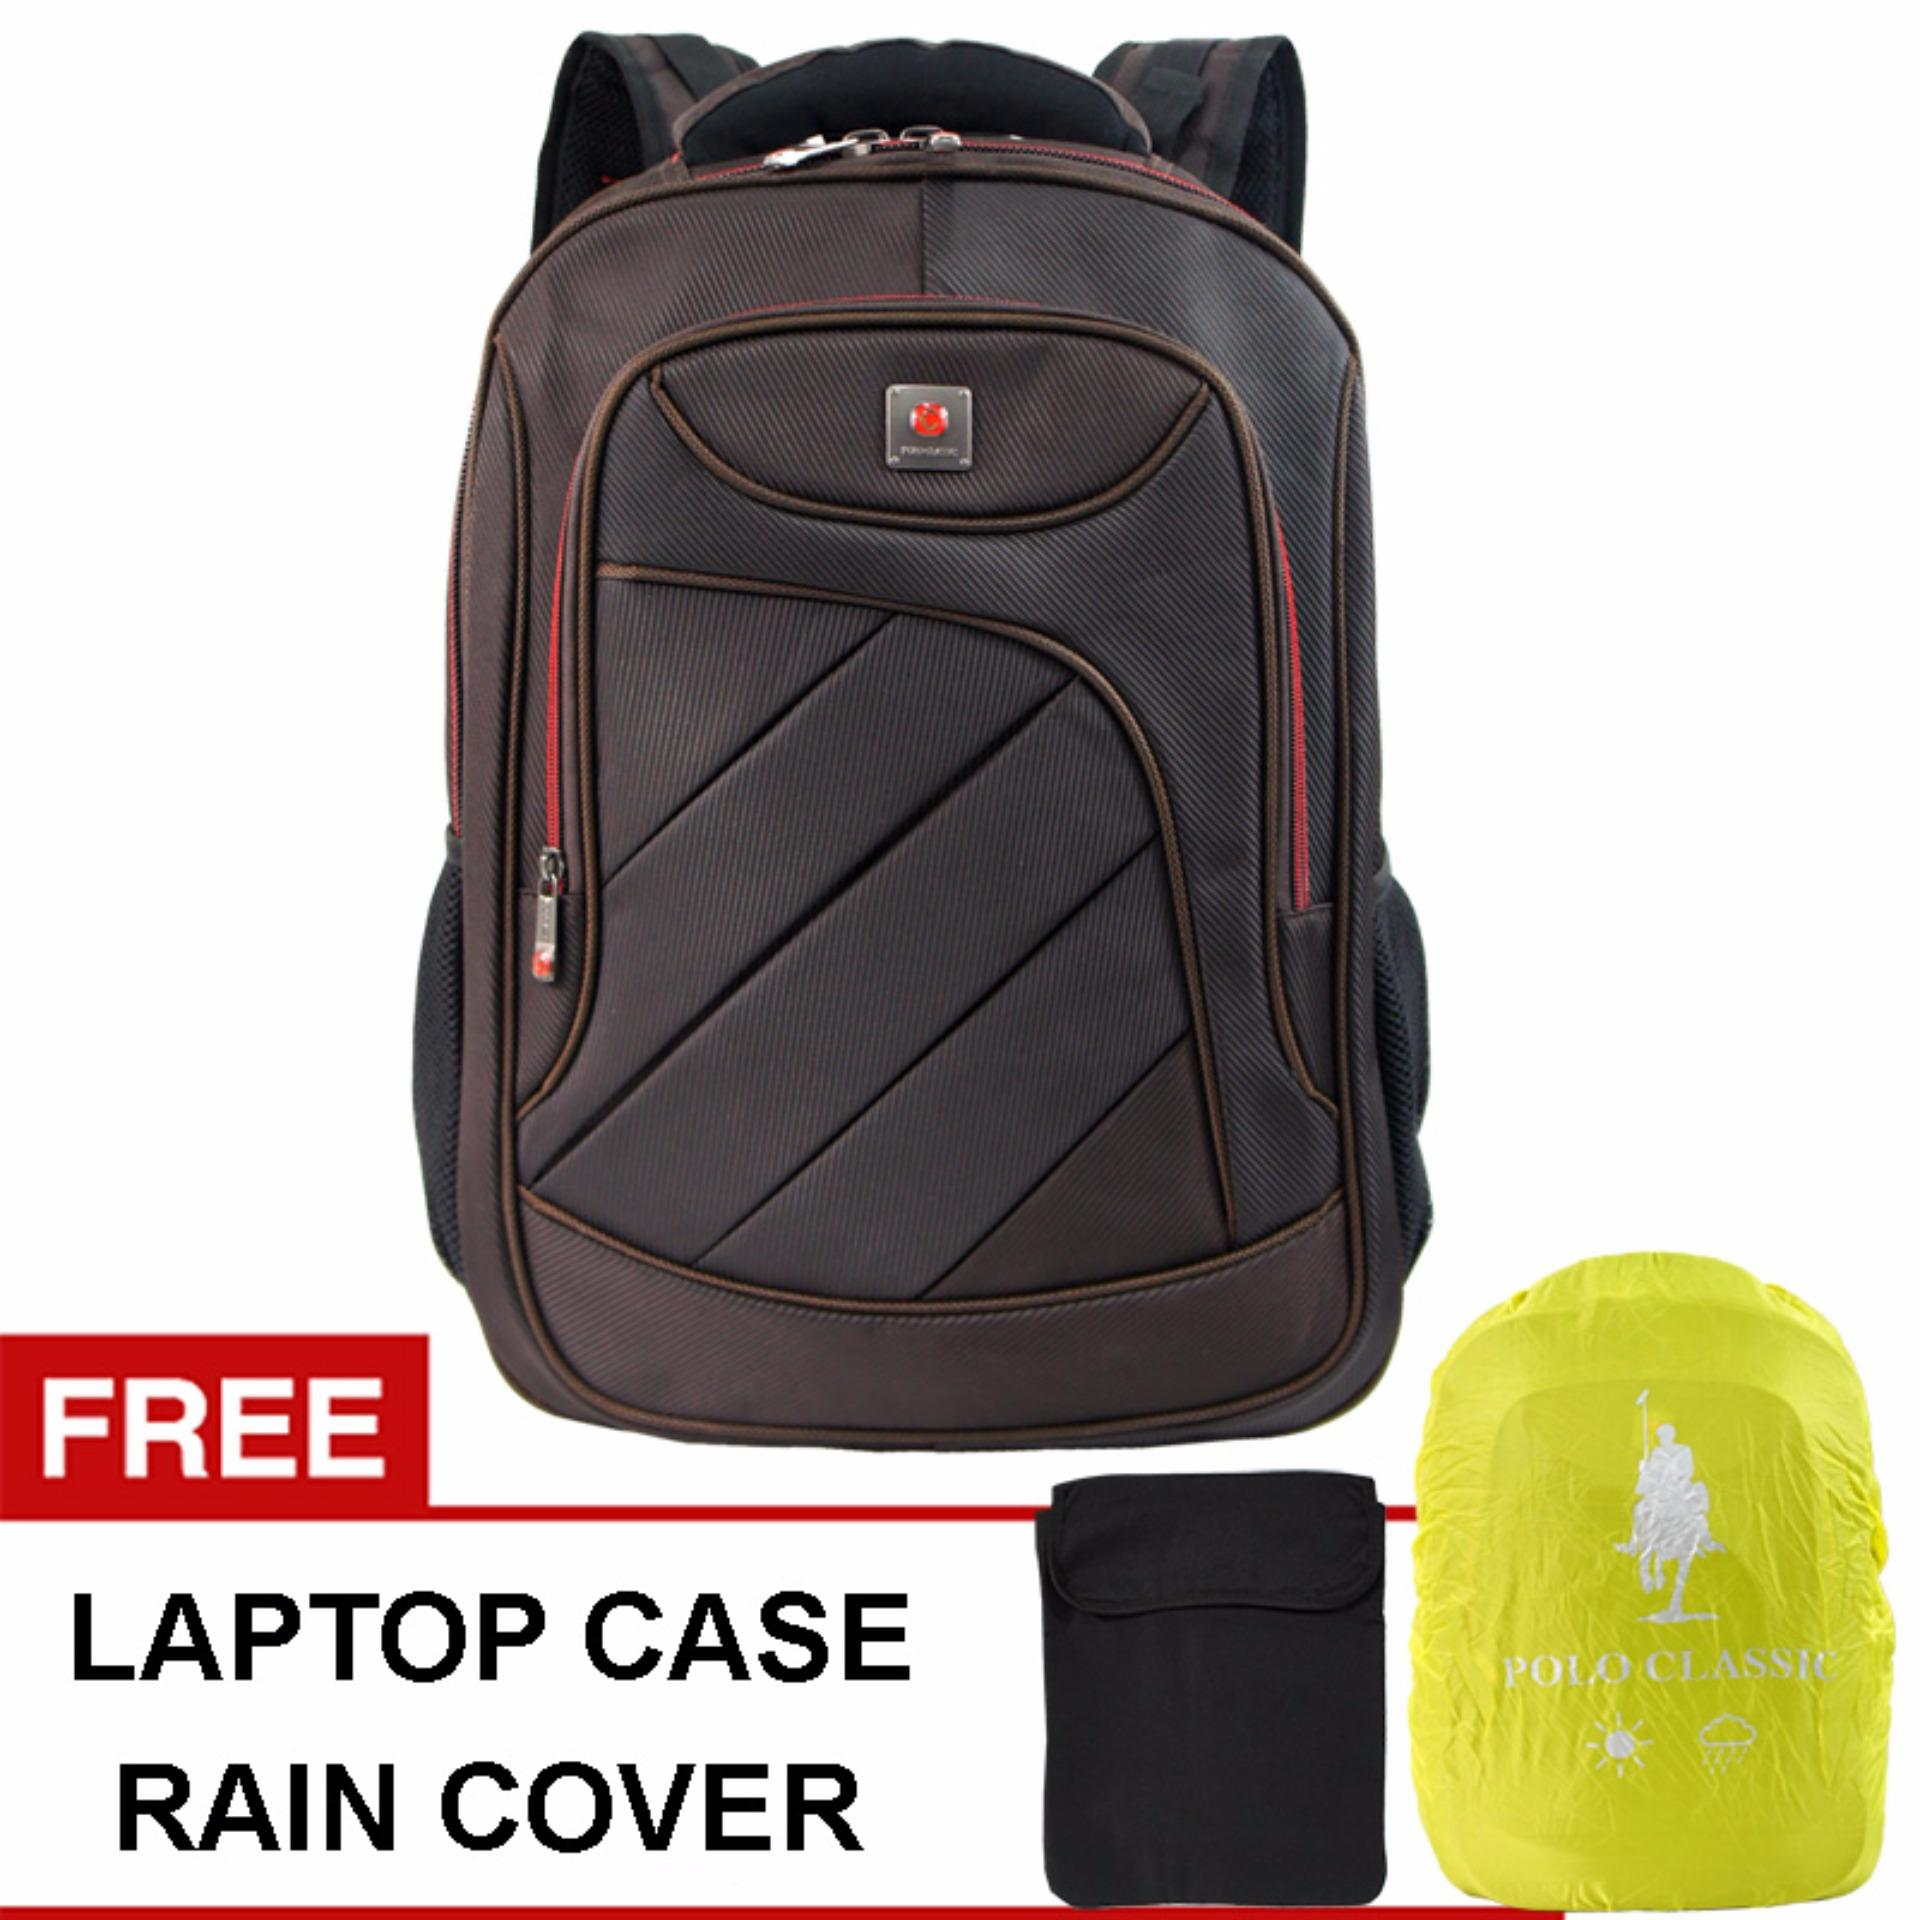 Harga Polo Classic 18076 21 Backpack Rain Cover Coffee Tas Ransel Tas Sekolah Tas Pria Tas Wanita Seken